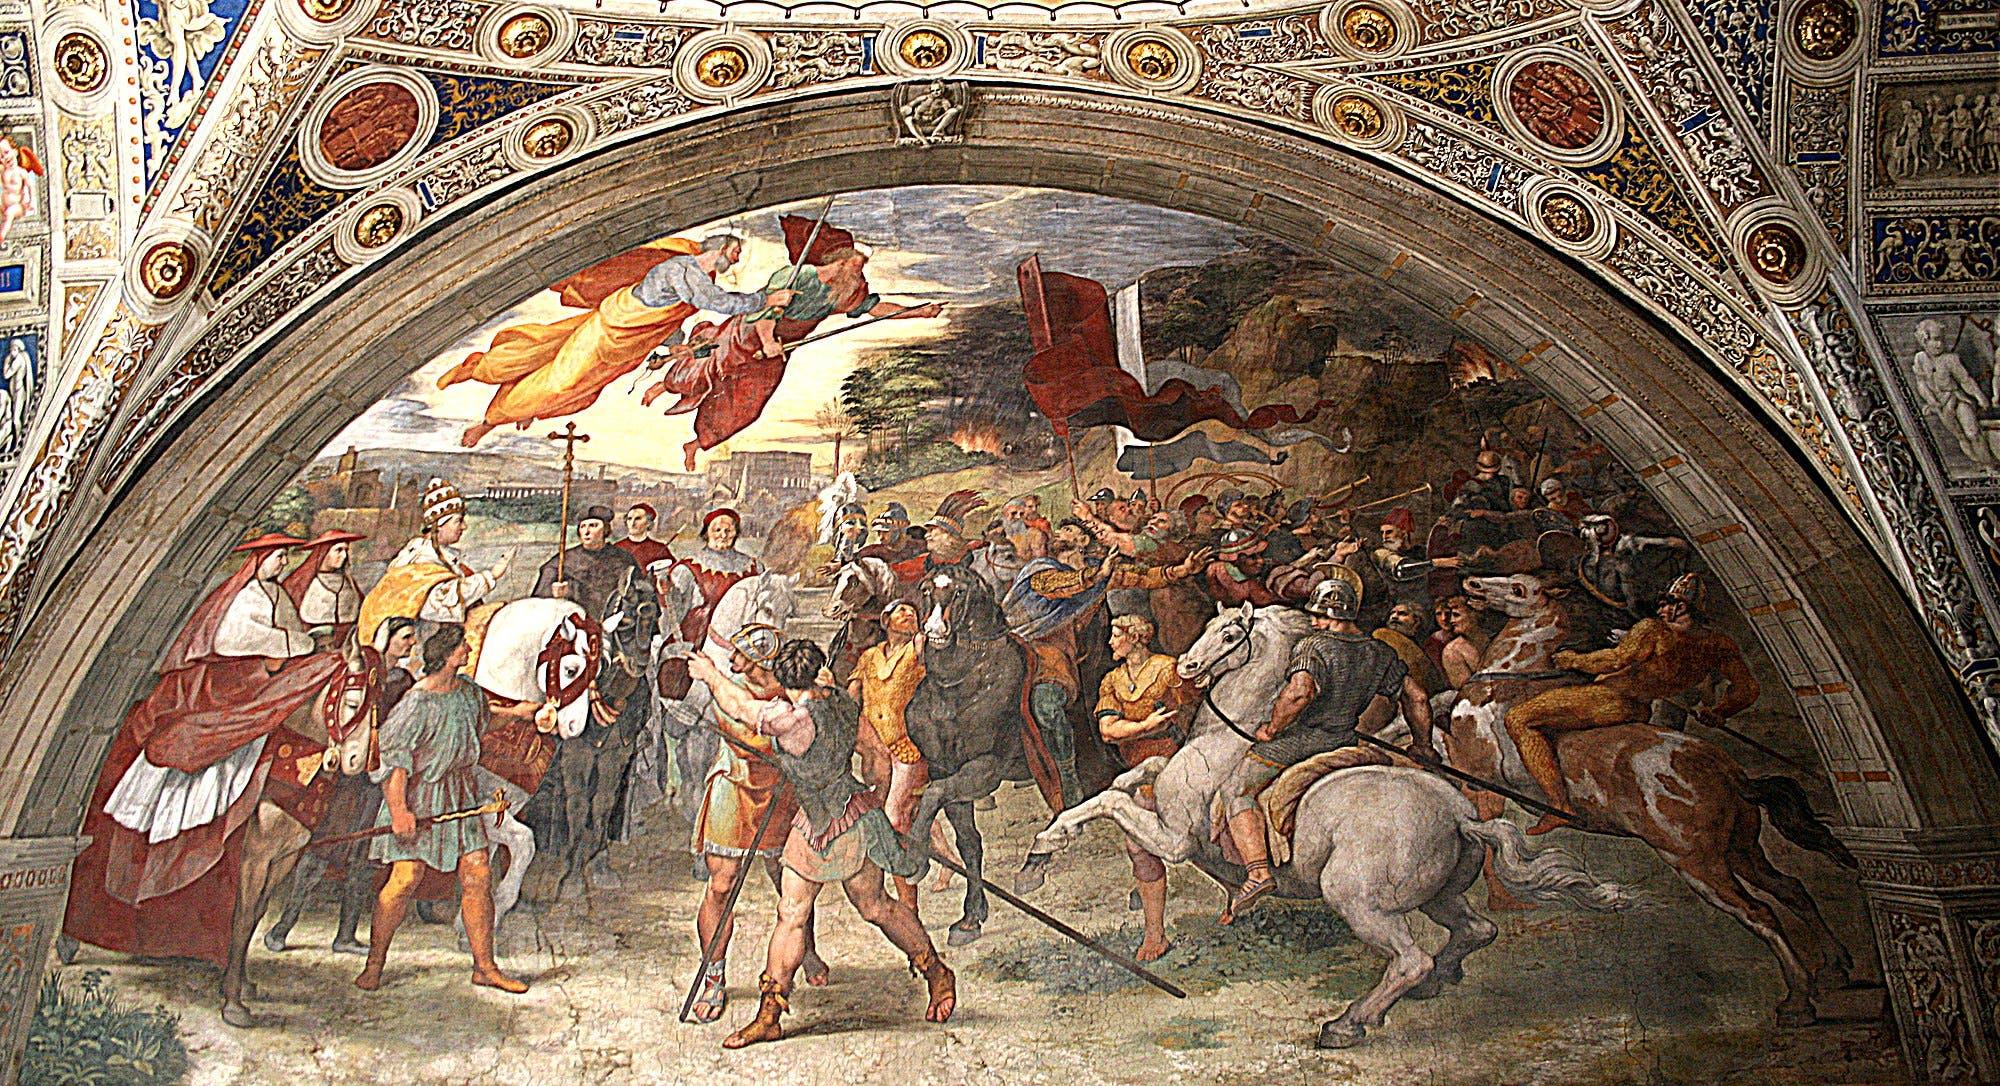 لوحة فريسكو رافائيل التي تجسد لقاء البابا بأتيلا